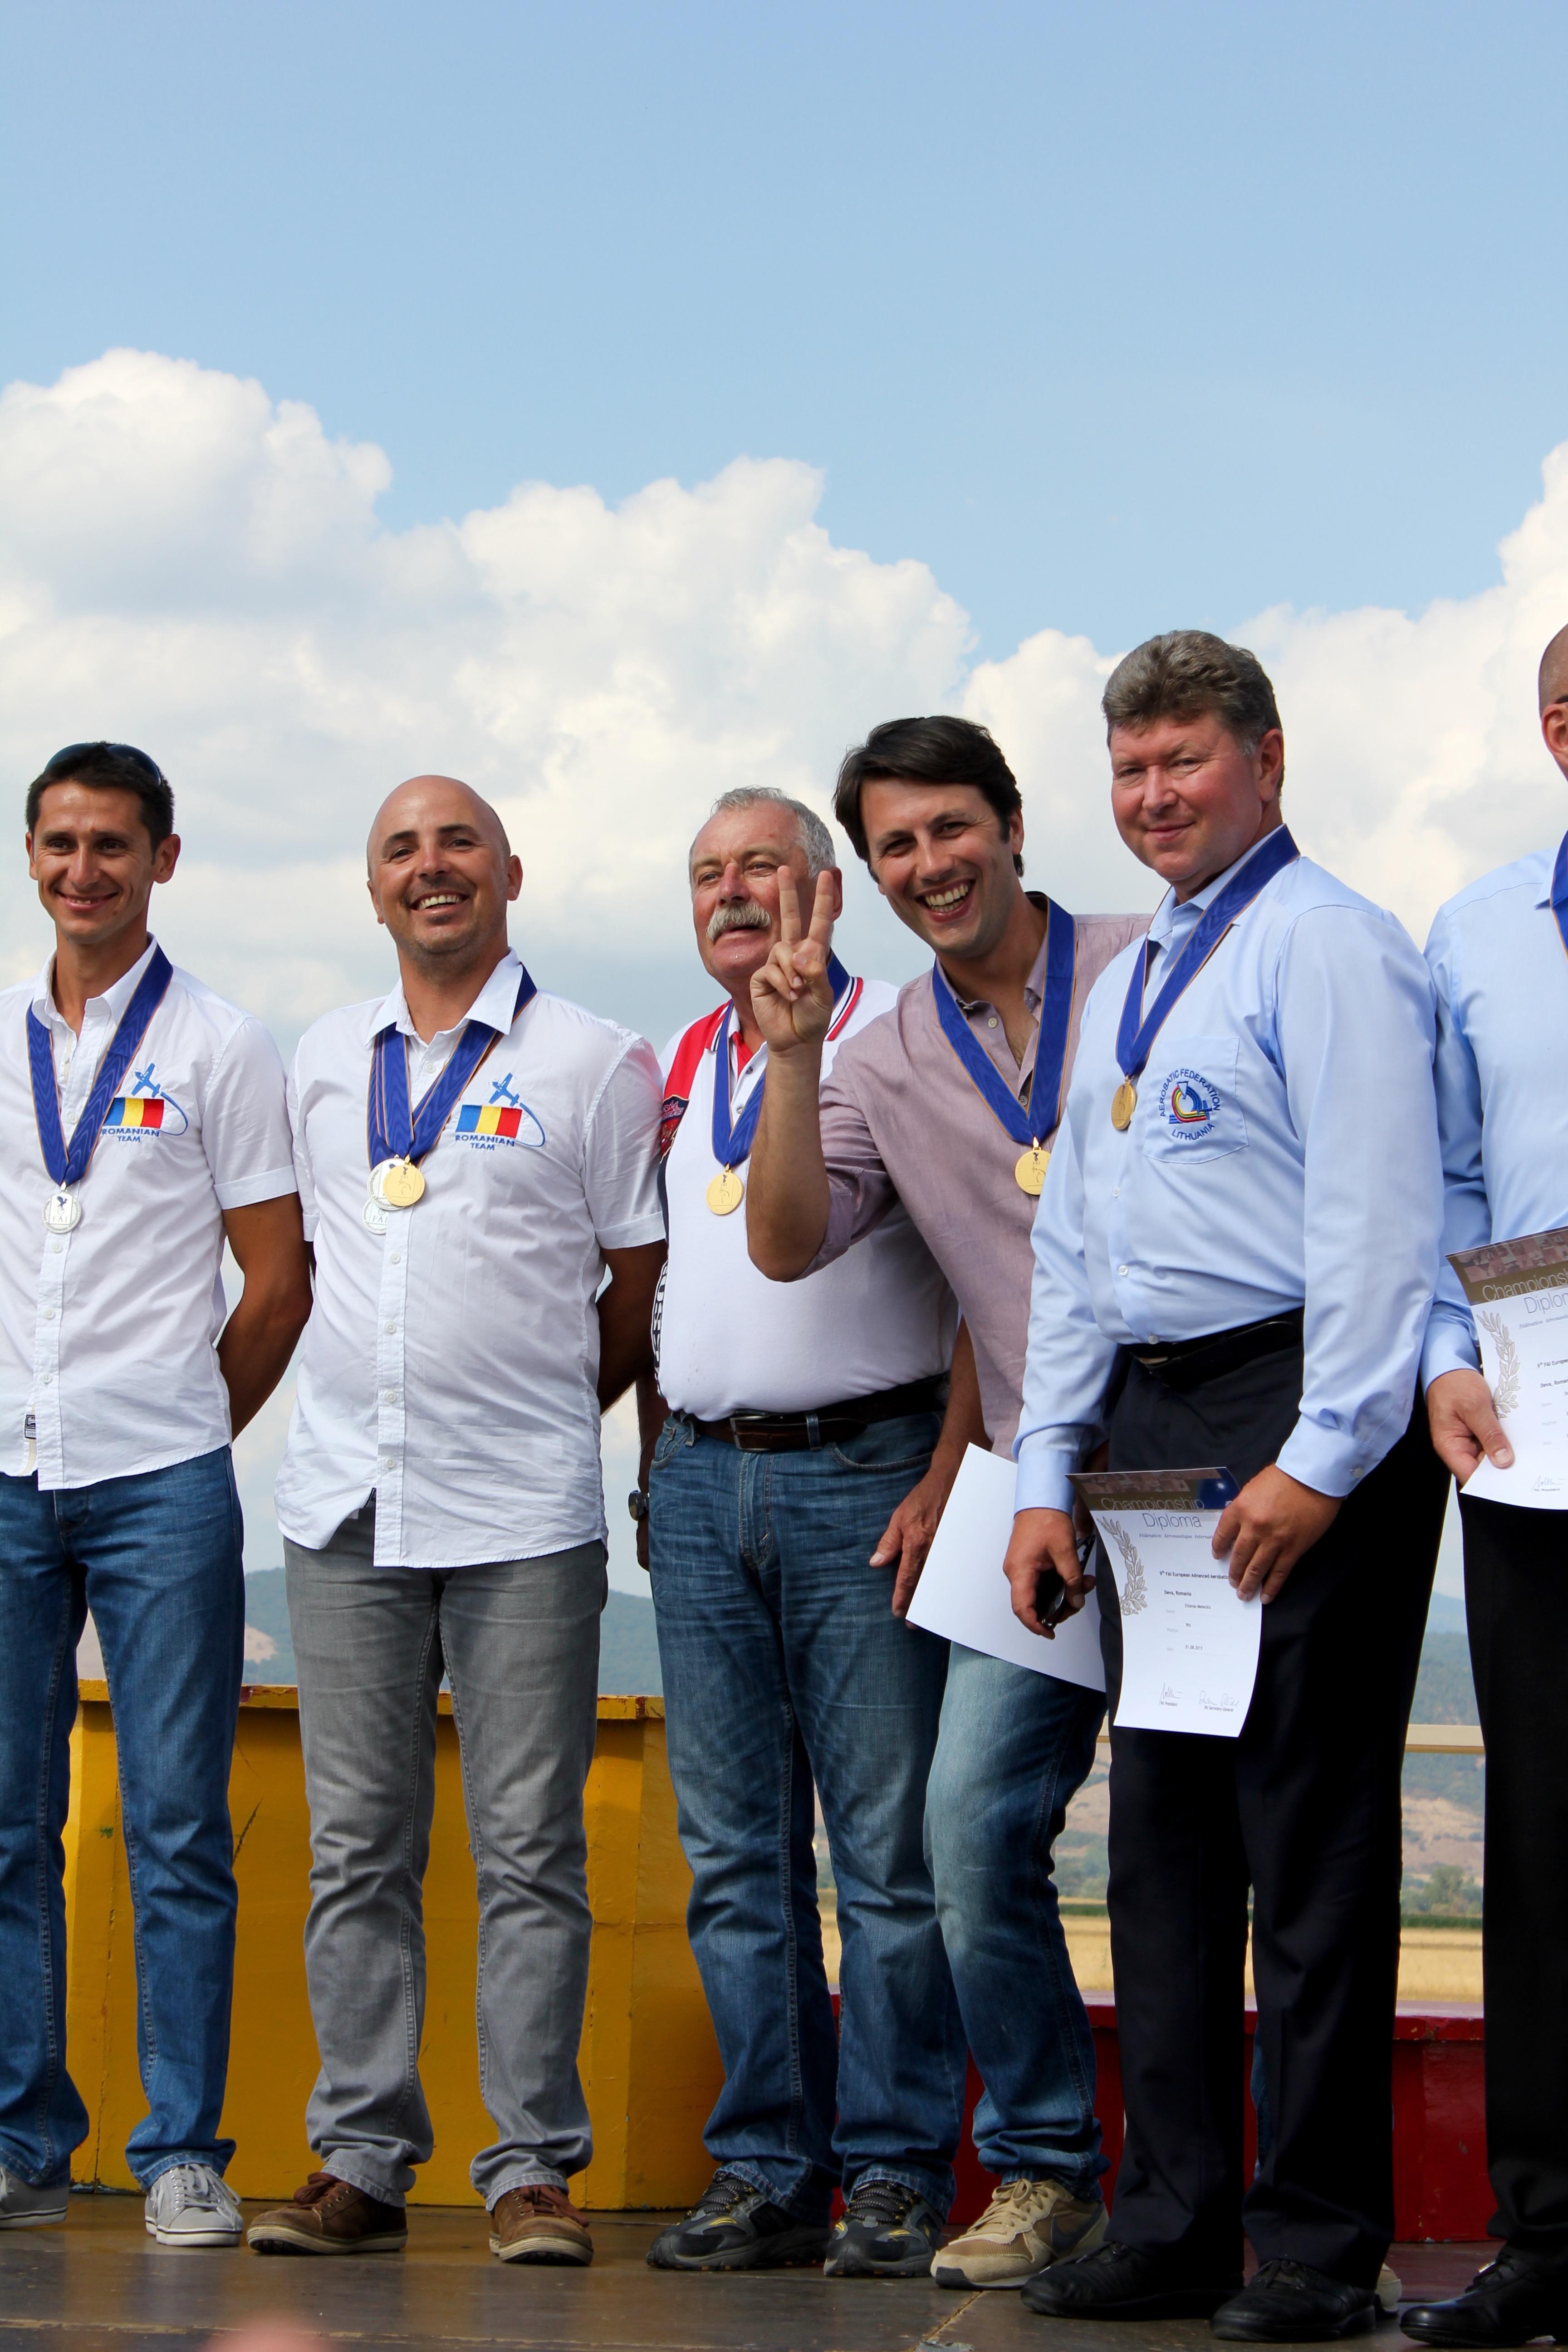 volo acrobatico: gold medalists